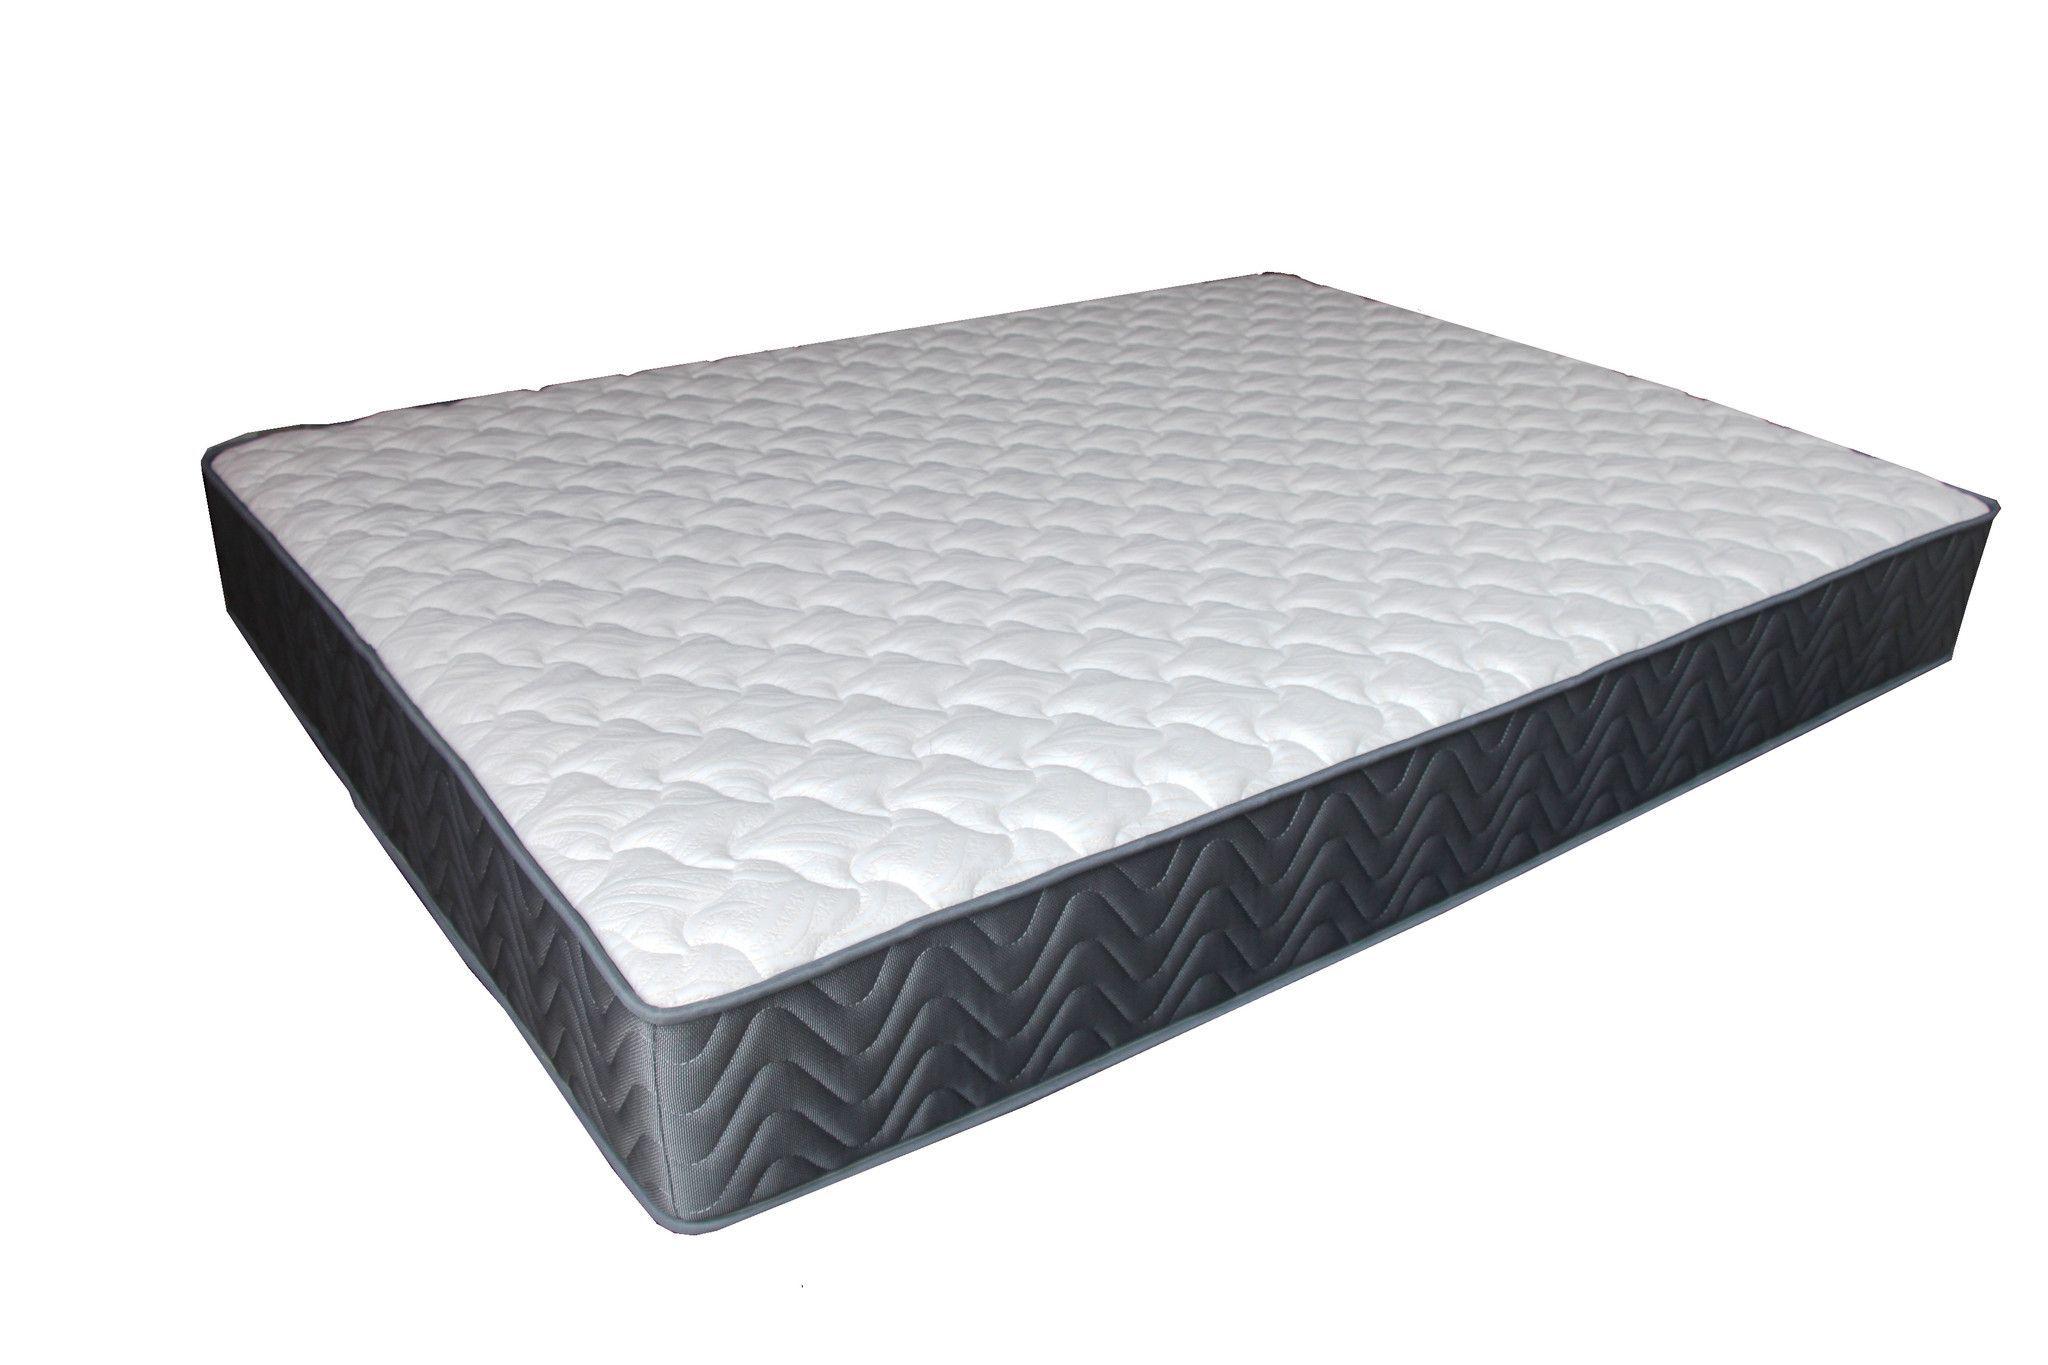 6 Inch Pocket Coil Twin Mattress Full Bed Mattress Mattress Bed